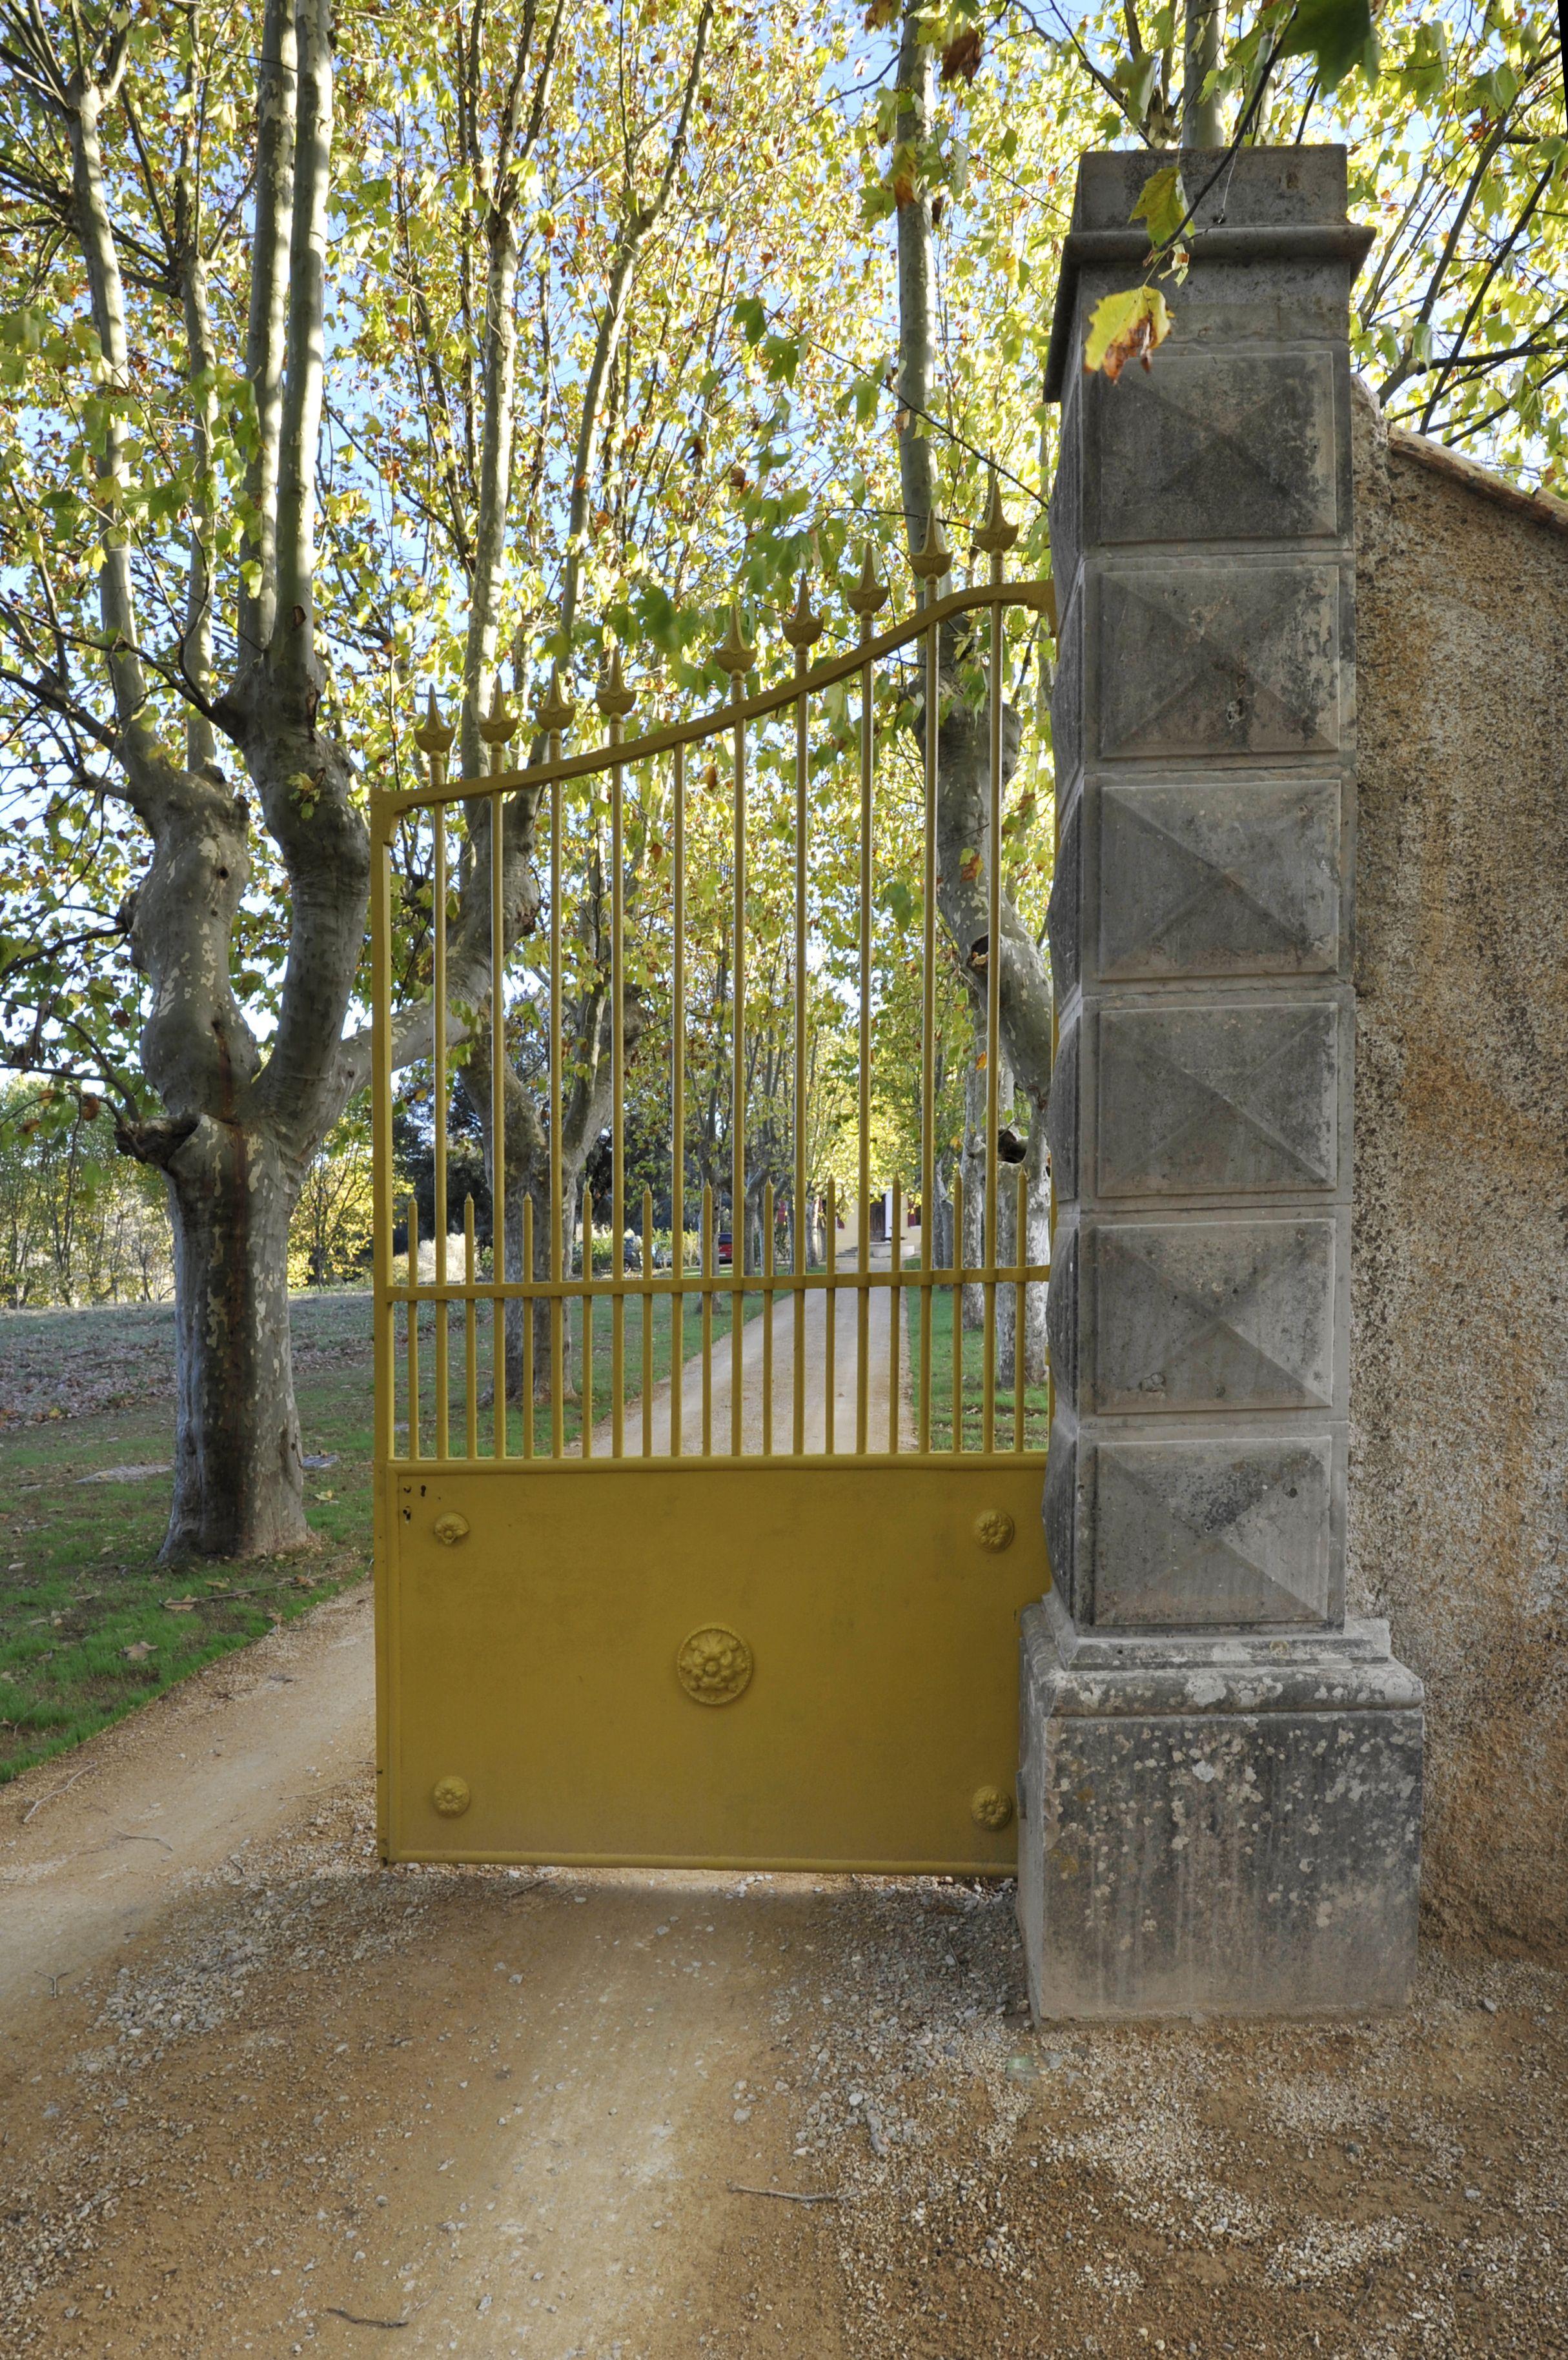 Portail en fer forgé jaune d un domaine viticole agrandi et rénové par  l architecte DESA Benjamin Godiniaux. 47fc1f8e913c